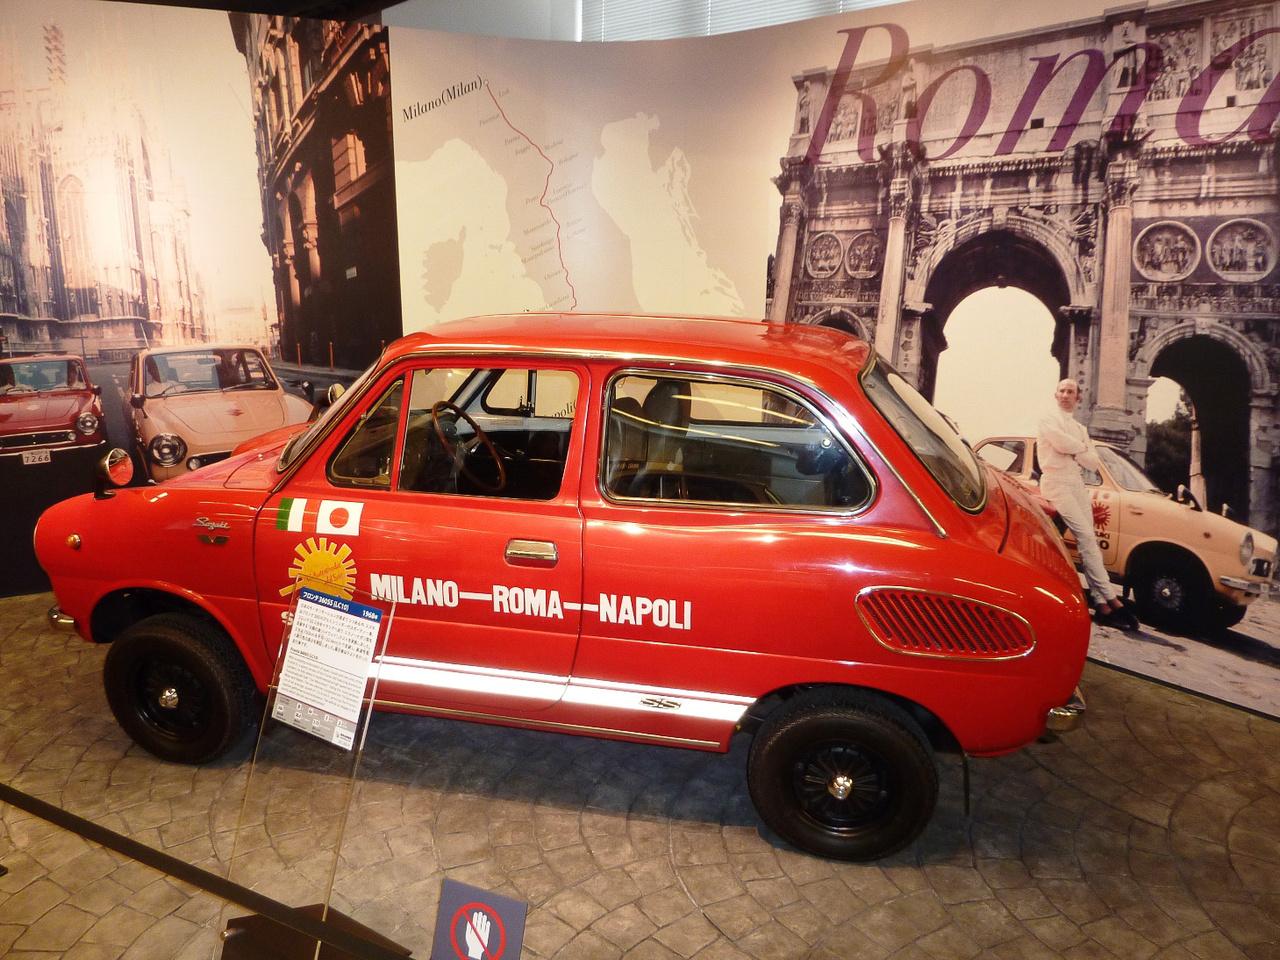 """Ez már az az 1968-as Suzuki Fronte, amellyel Stirling Moss időre végignyomta Olaszországot a Milánó-Nápoly tengely mentén, a 12442 km/h-s átlaggal bizonyítva a kei-autók életképességét. Persze ennek a Fronte SS-nek a hátul elhelyezett, léghűtéses, kétütemű, 360 köbcentis motorja már 36 lóerőt tudott - hogy örültek volna hasonlónak a trabantosok akkoriban... Hogy miért hívták ezt a minit Fronténak, ha farmotoros volt? Részben, mert a """"Fronte"""" azt jelezte, hogy a Suzuki a kei-autó-fejleszés élvonalában van, részben pedig mert elődje, a Suzulight SS30-as Fronte még tényleg elsőkerekes volt."""